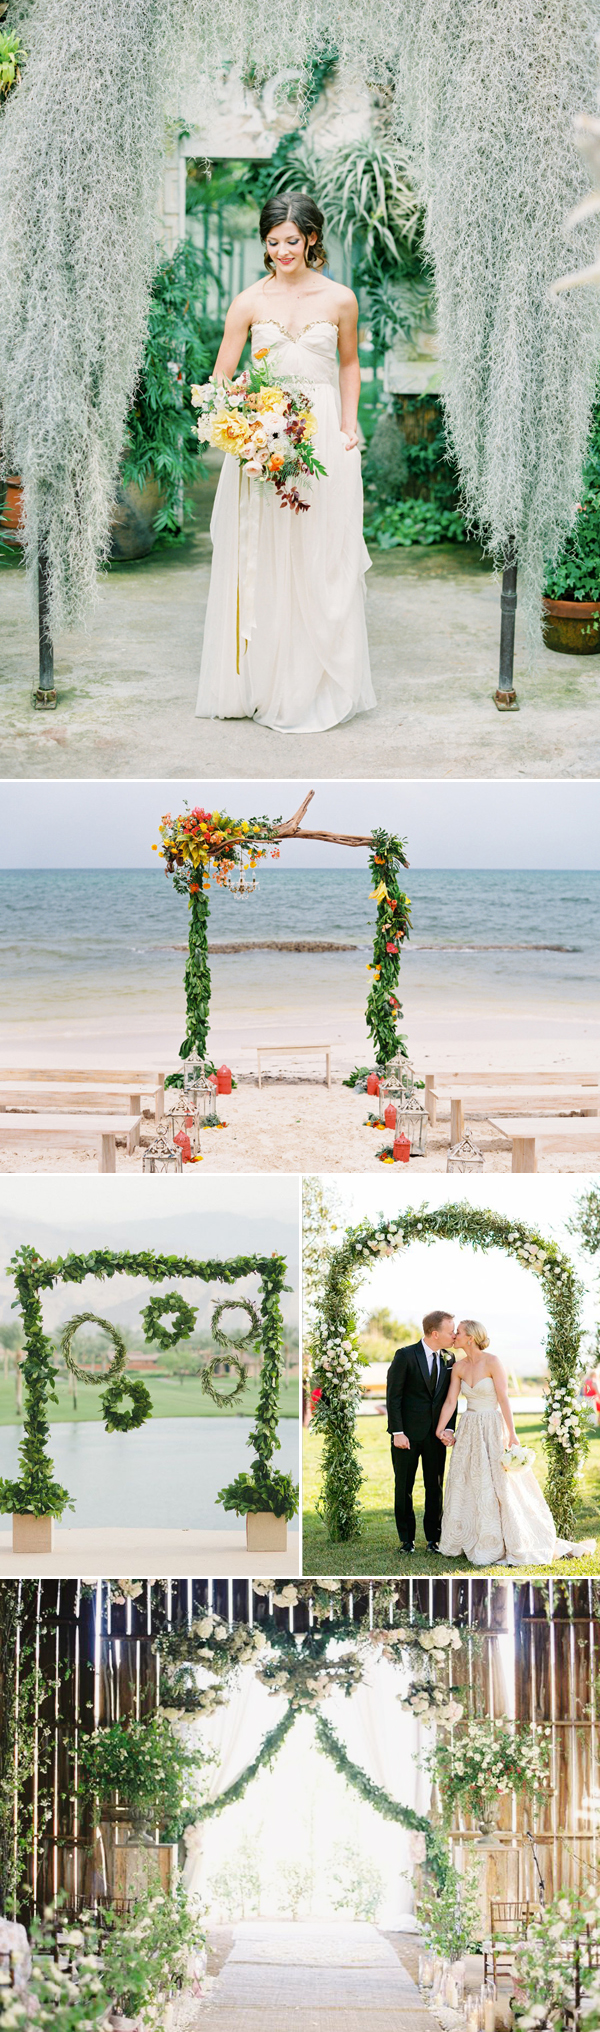 natural green wedding arch decor